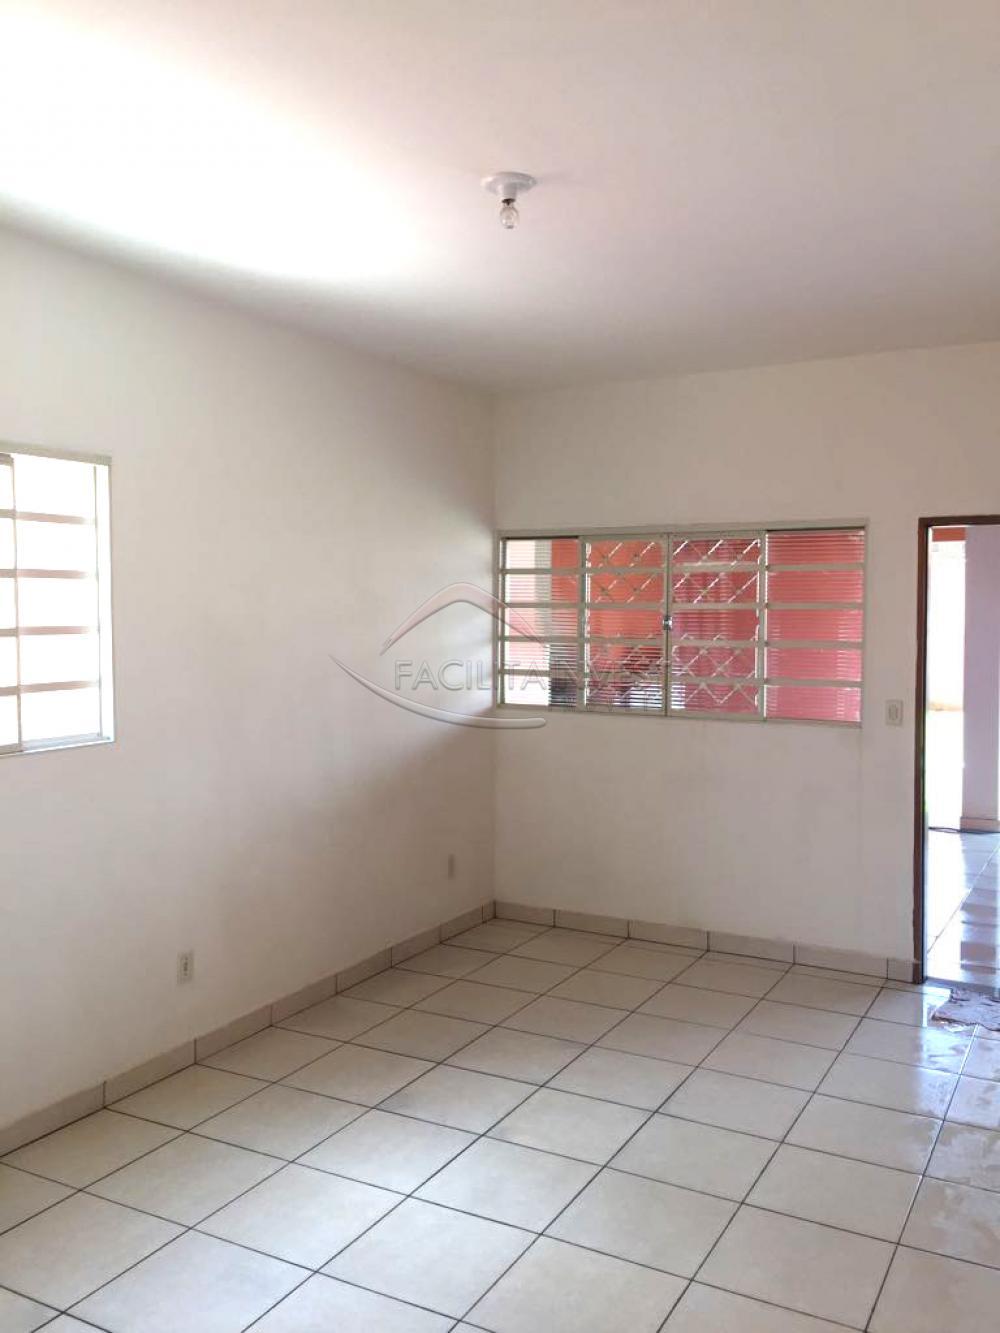 Comprar Casa Padrão / Casa Padrão em Ribeirão Preto apenas R$ 270.000,00 - Foto 2